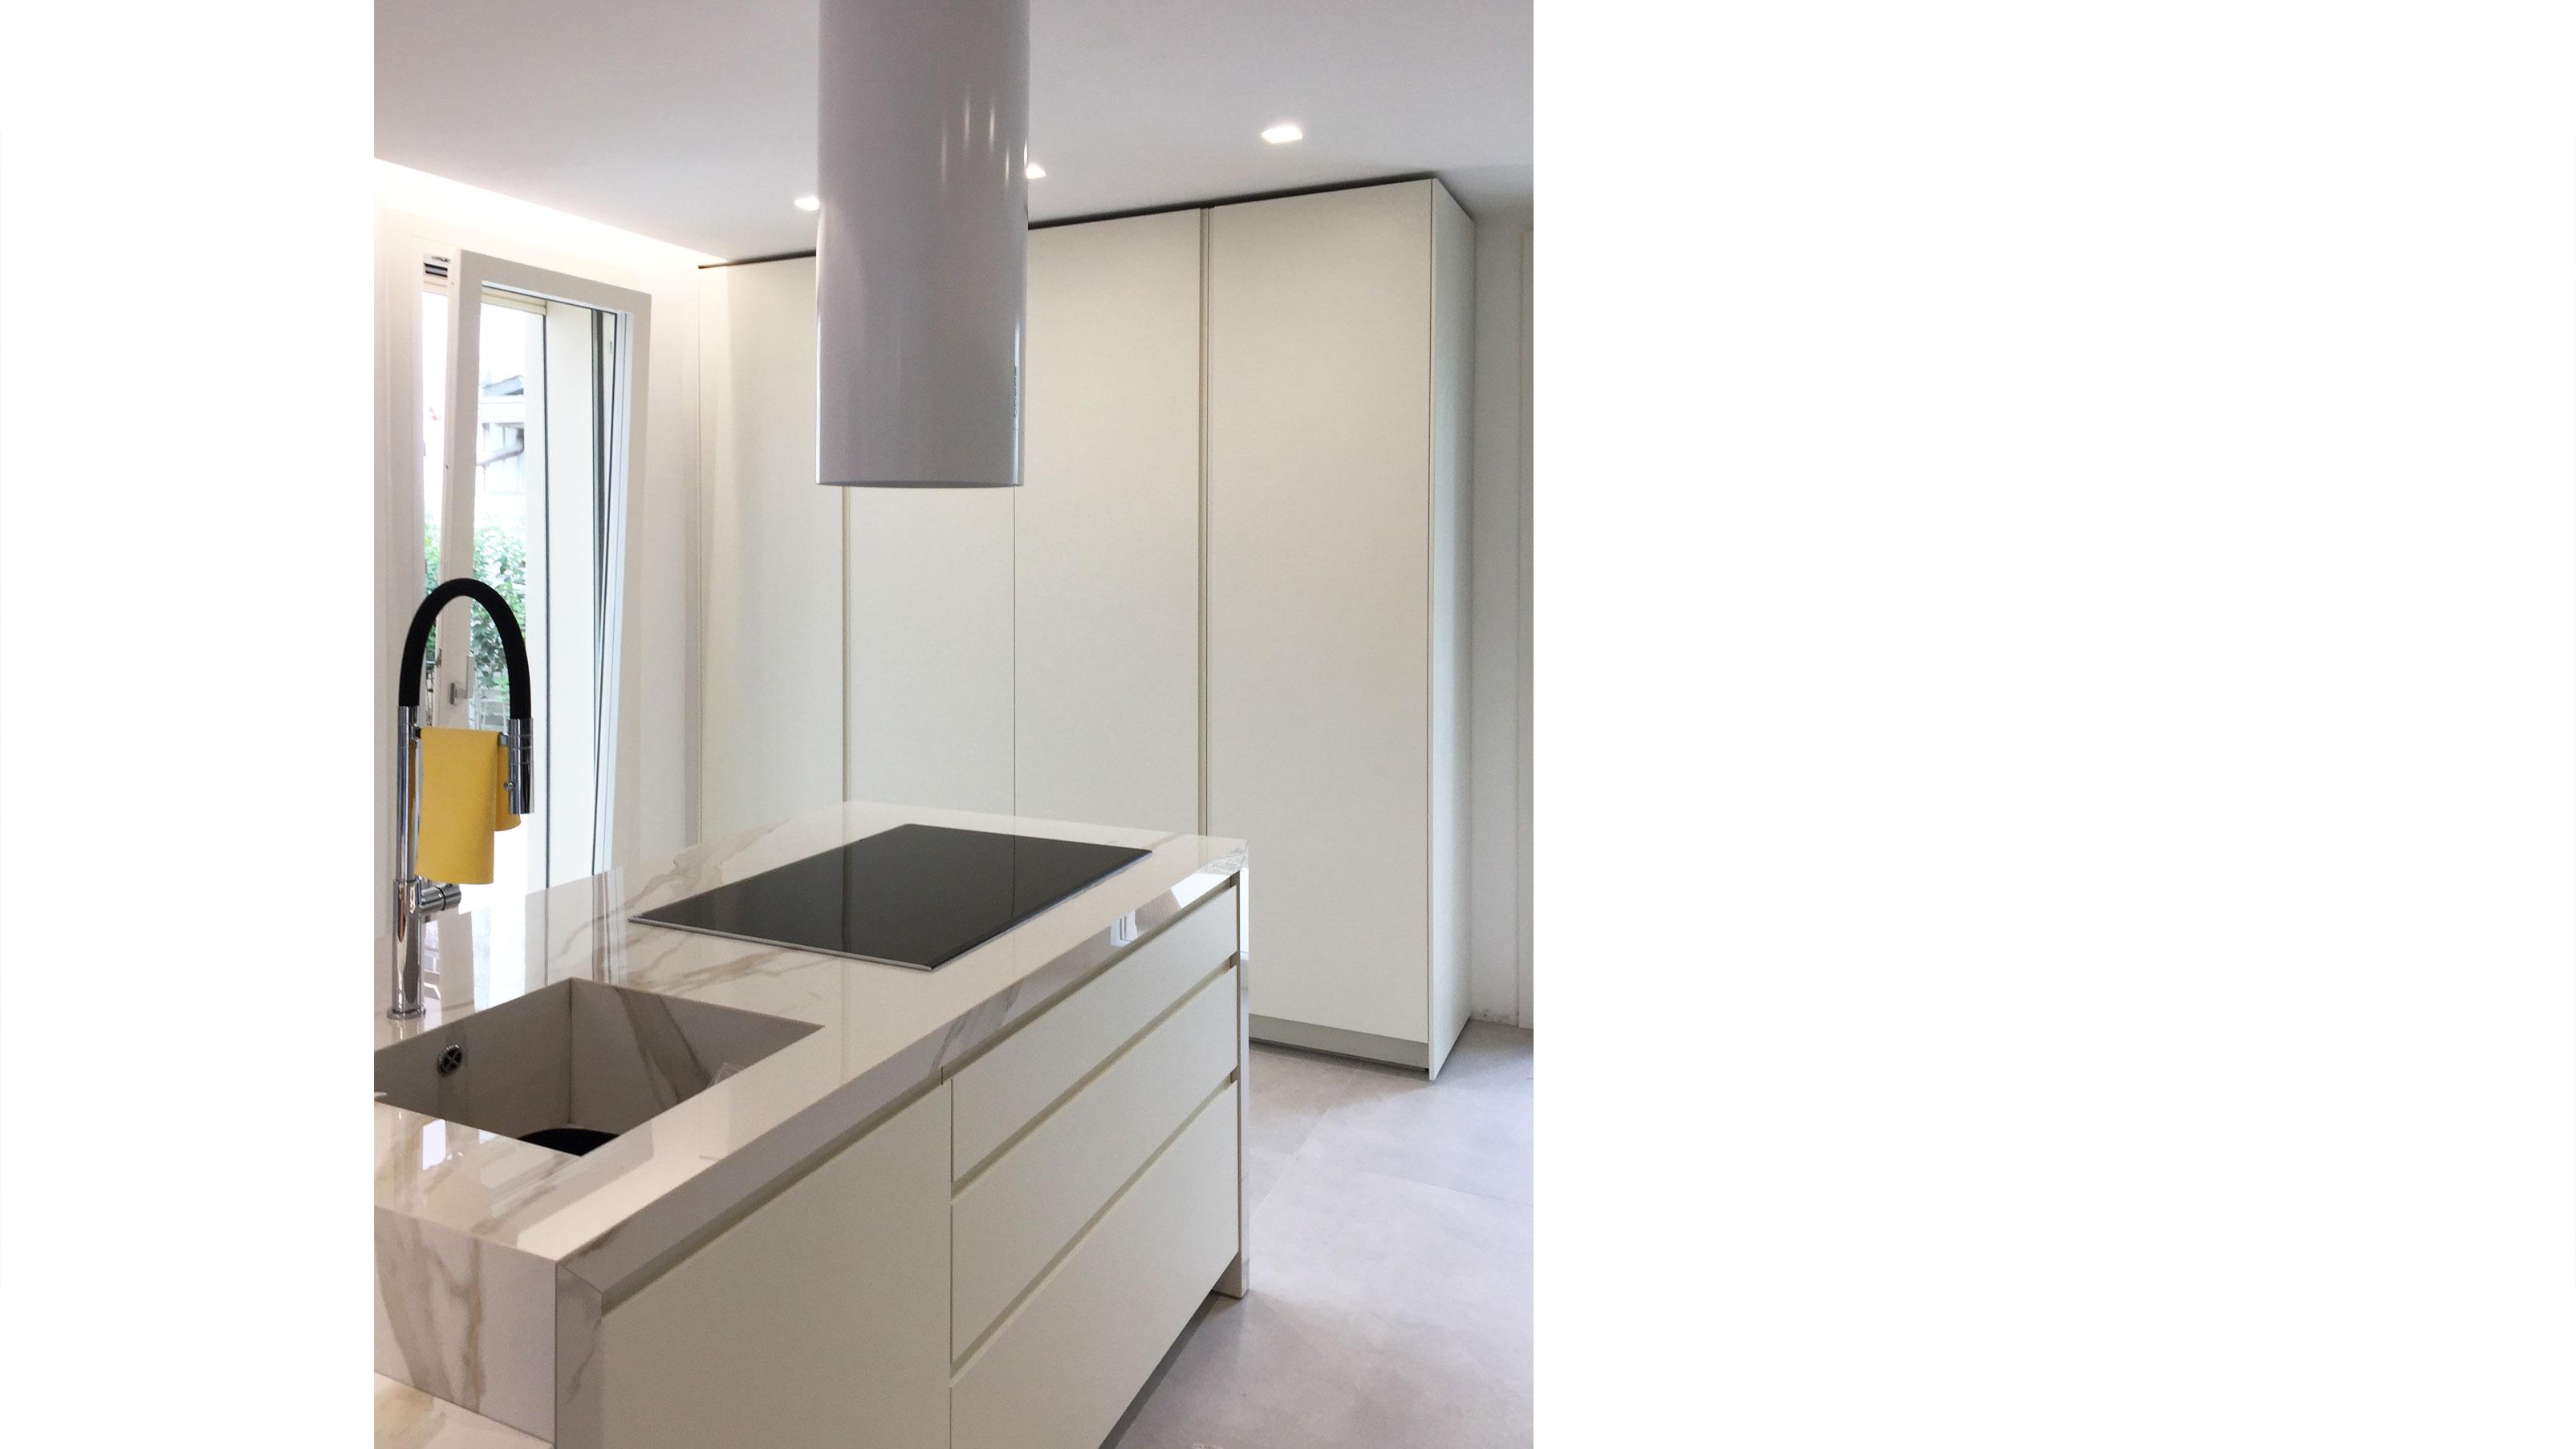 cucina- interni-interior-arredamento